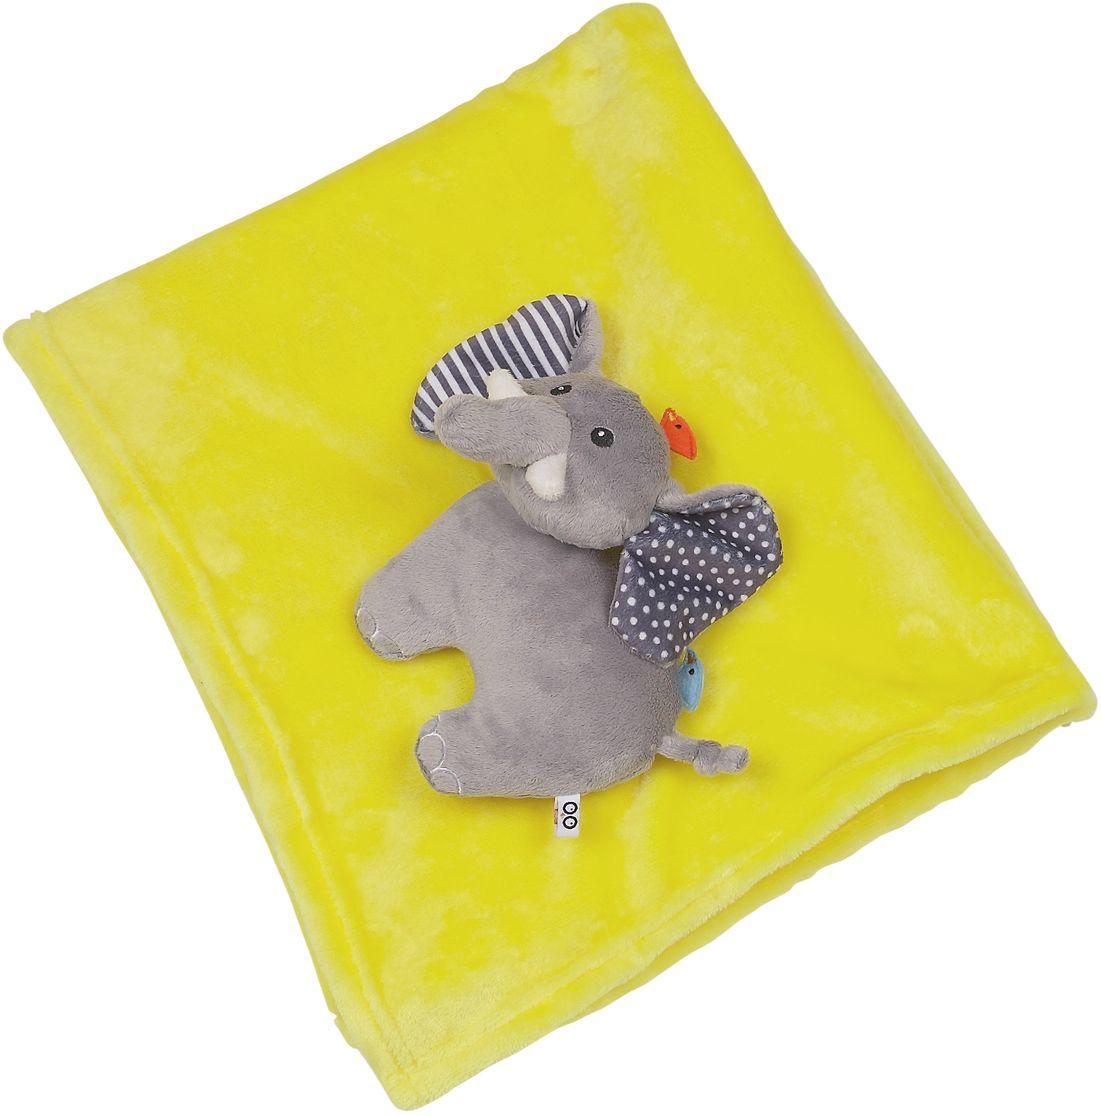 Zoocchini Одеяло с игрушкой Слон00517Это не просто одеяло, это два в одном: одеяло и мягкая игрушка! Мягкое одеяло Zoocchini подарит уют и комфорт вашему малышу, а также станет замечательным другом, который будет сопровождать его в самые тёплые моменты его жизни.